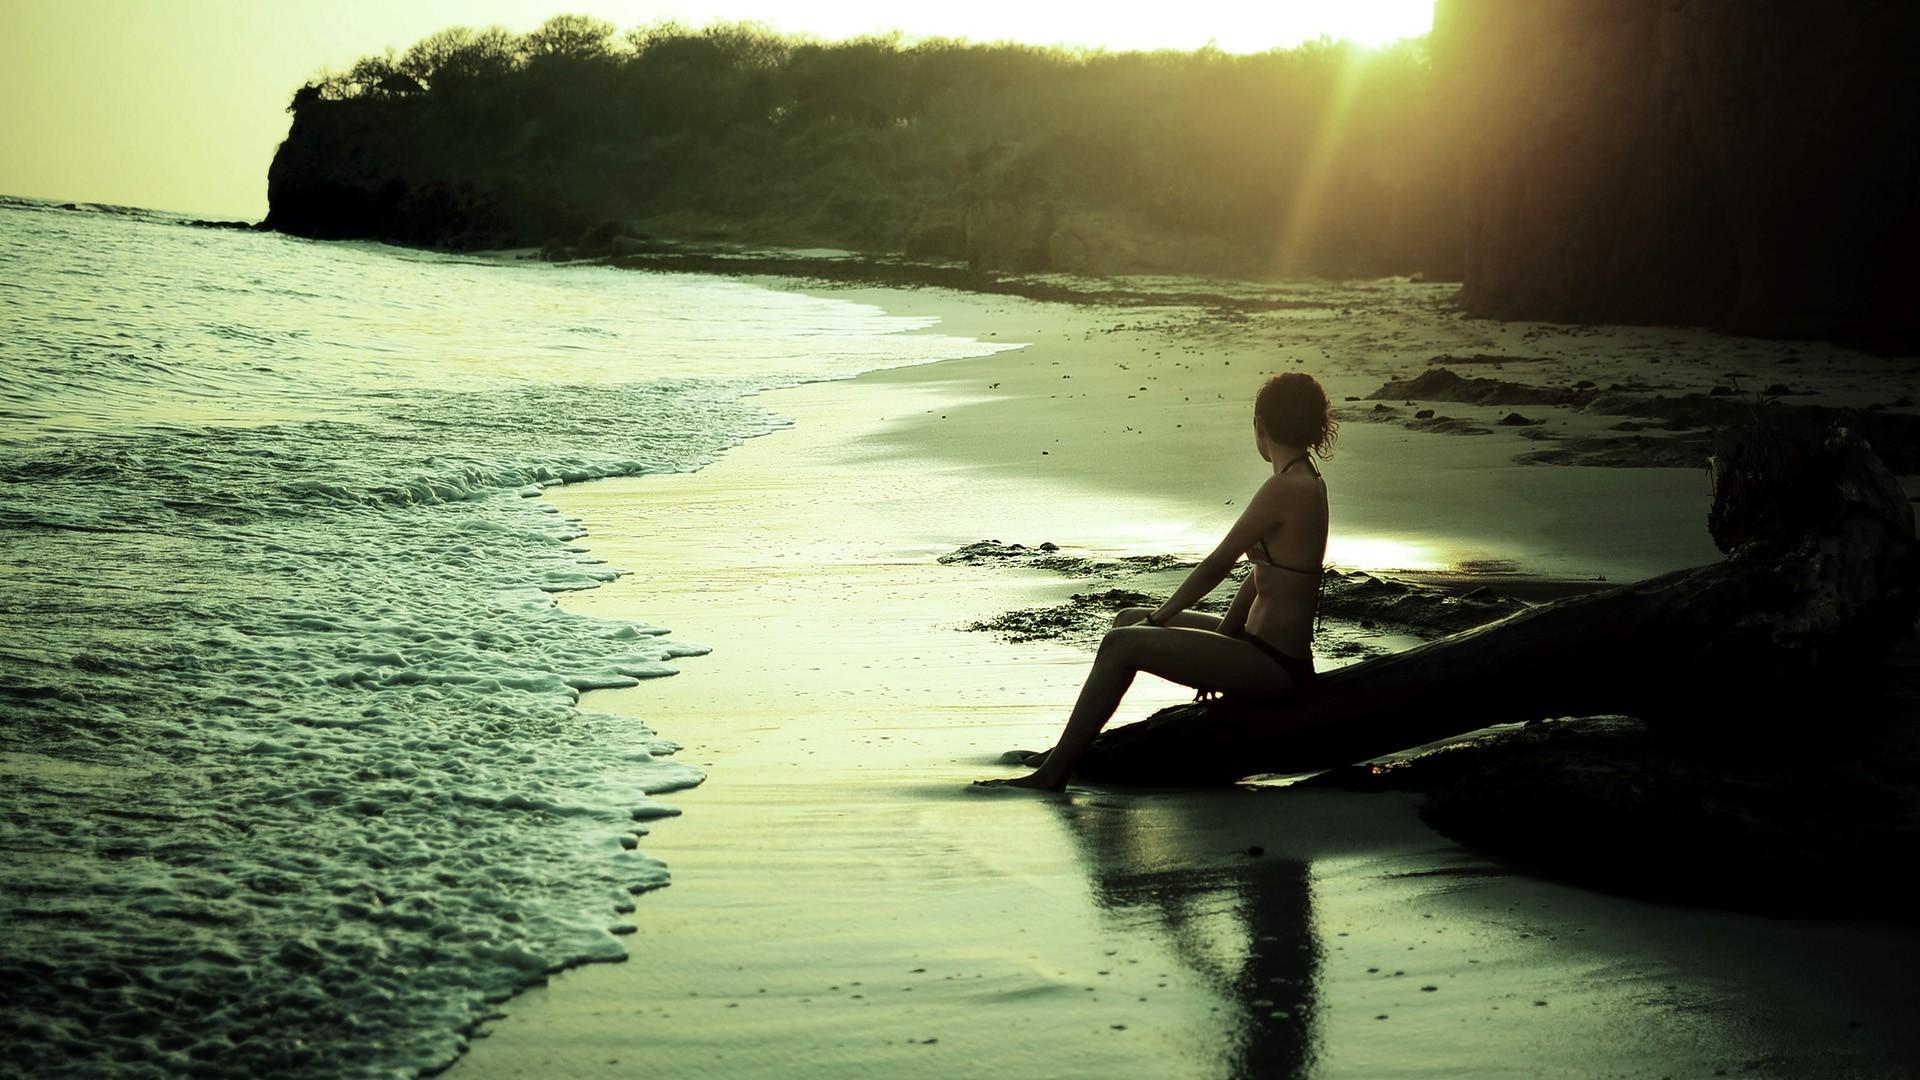 Фото одинокие девушка на берегу